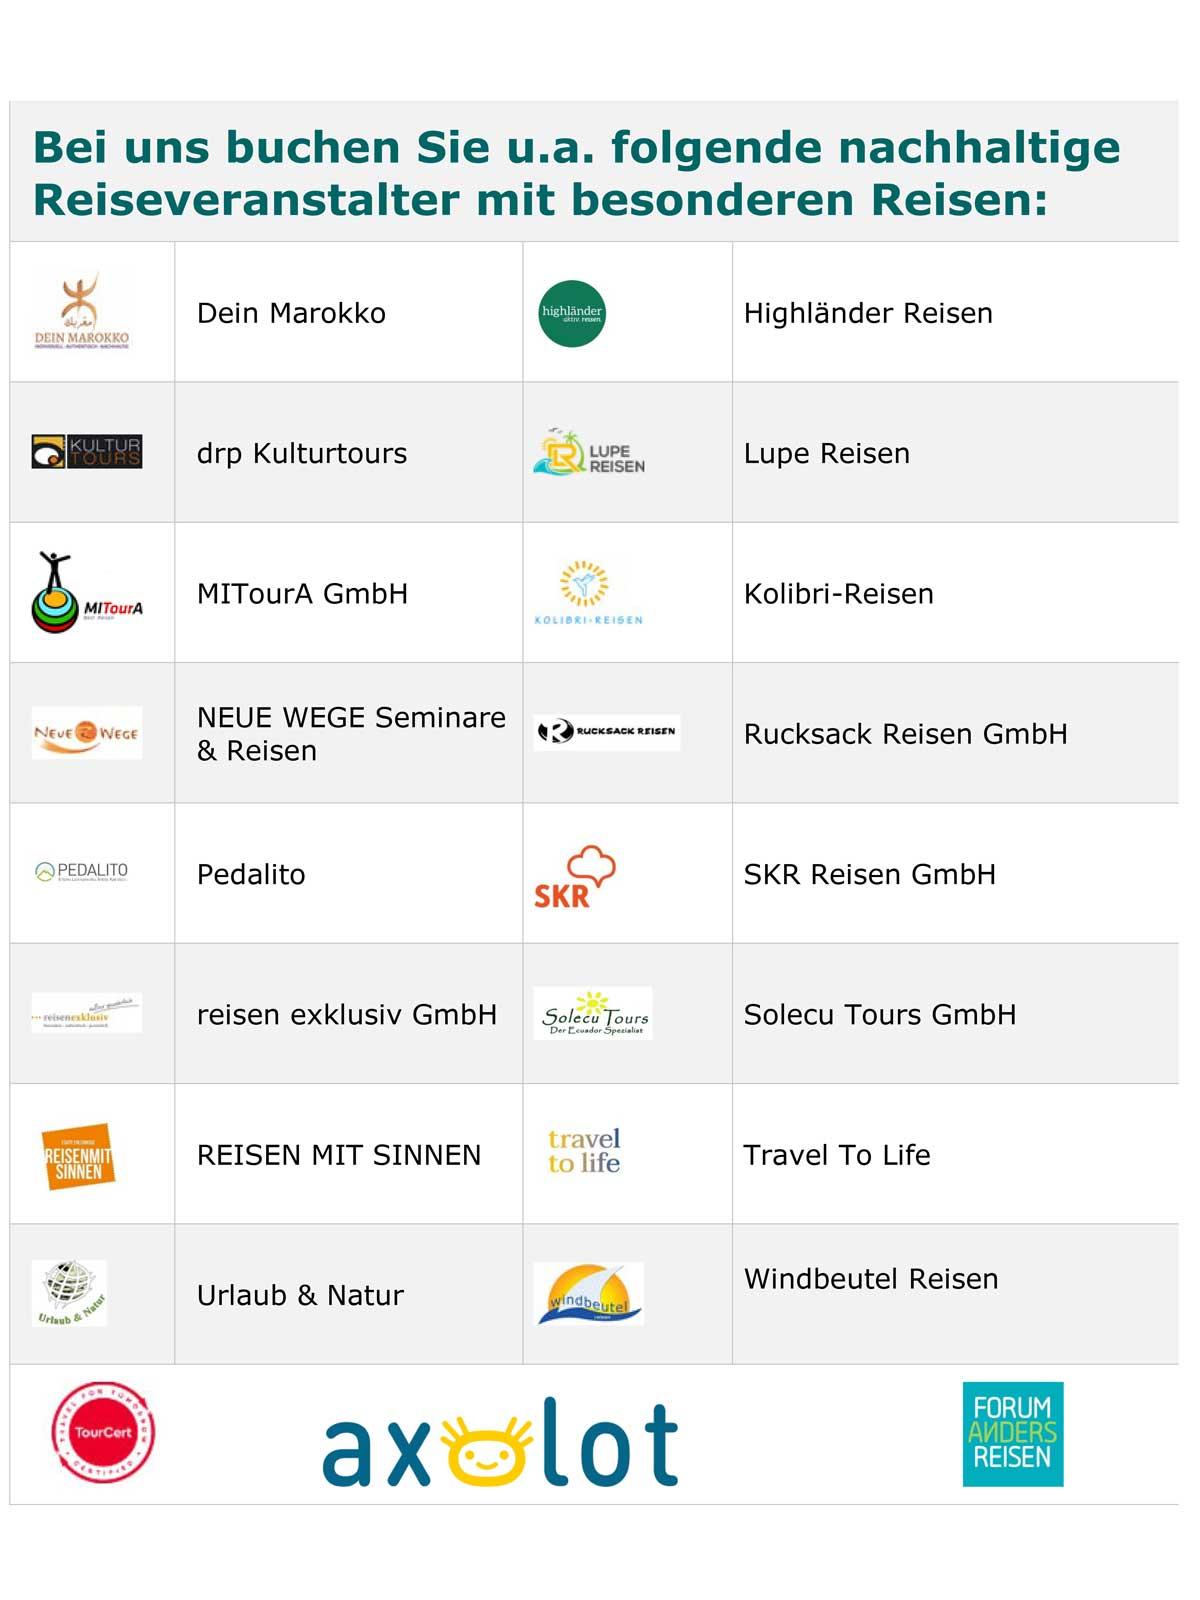 seite 2 der Liste von nachhaltigen Reiseveranstalternlatern